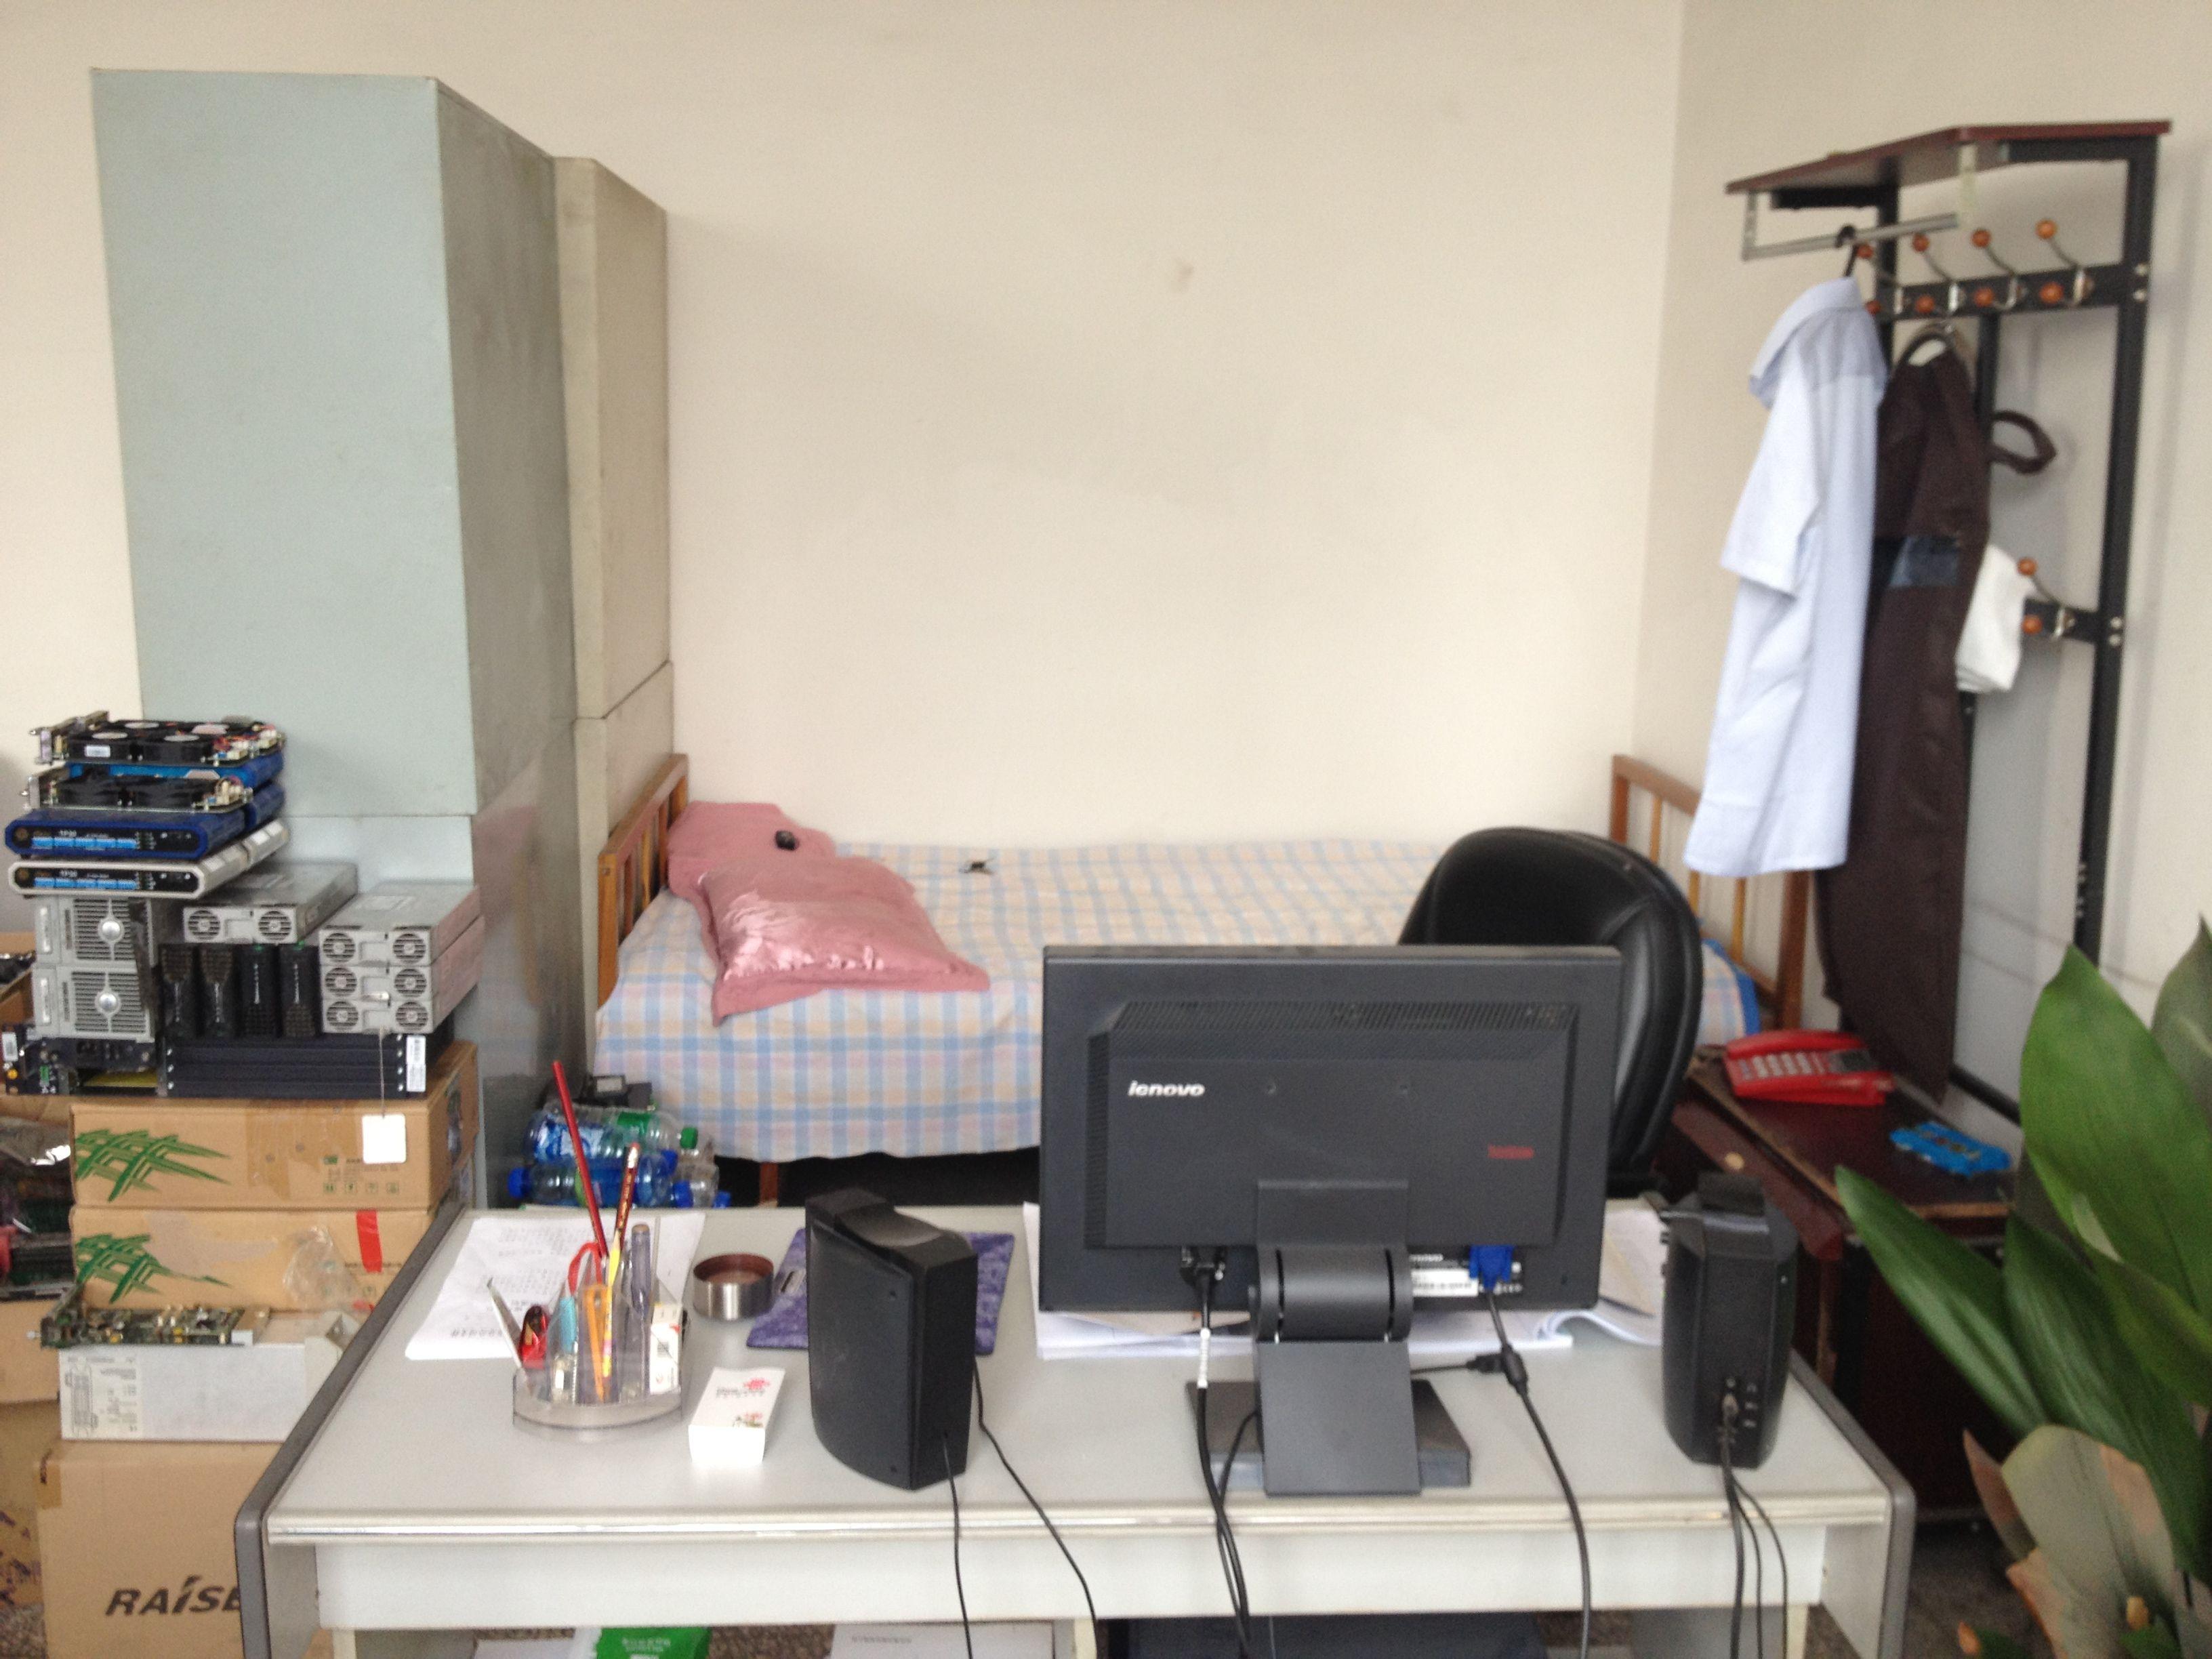 办公桌的摆放_办公室办公桌摆放图_办公桌摆放设计图片